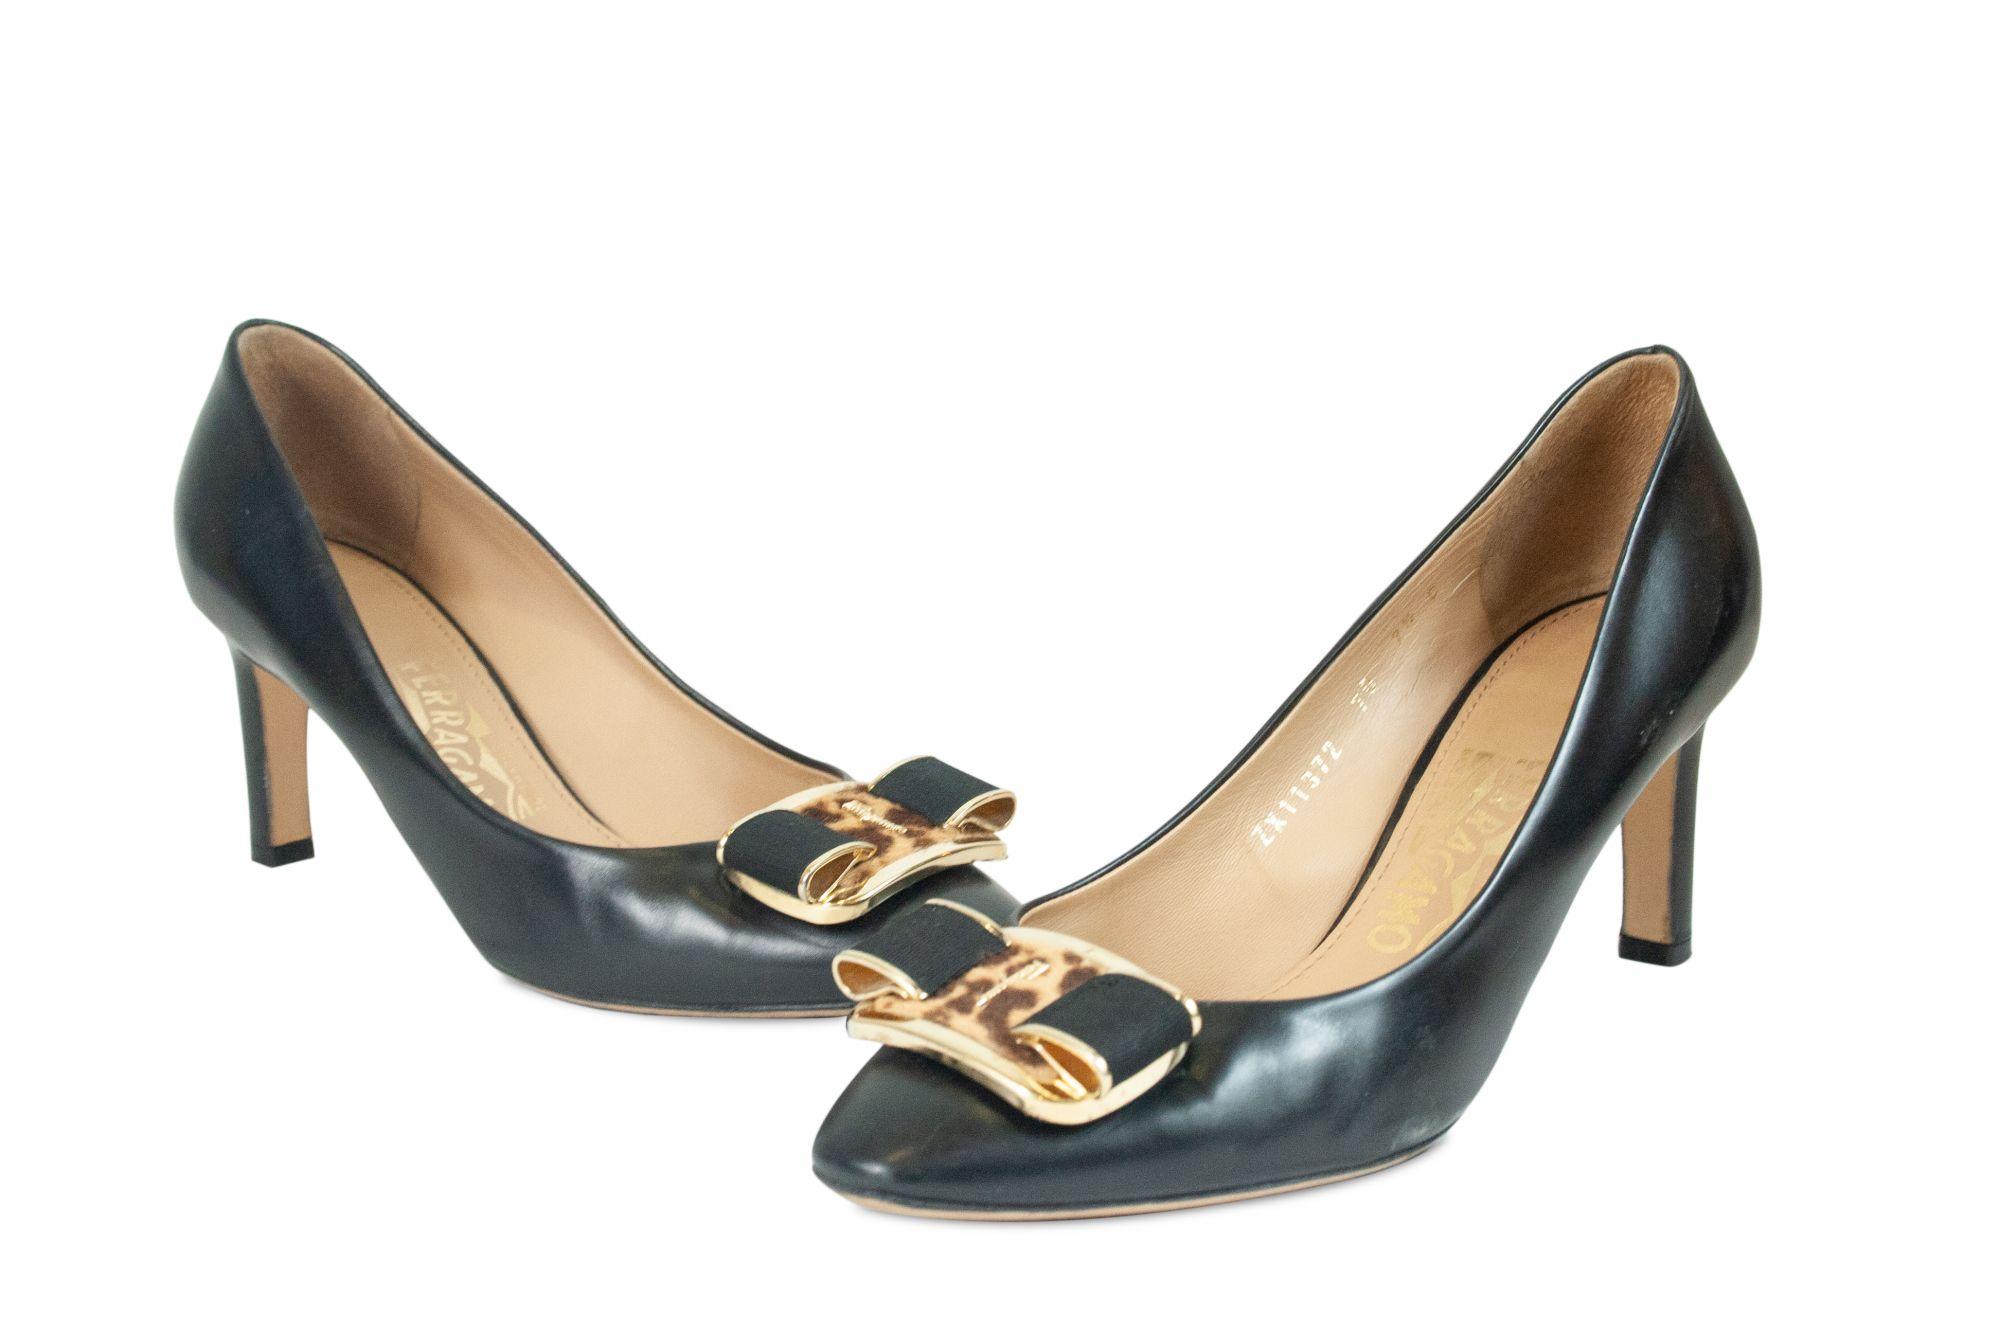 Double Bow Pump Shoe 37.5